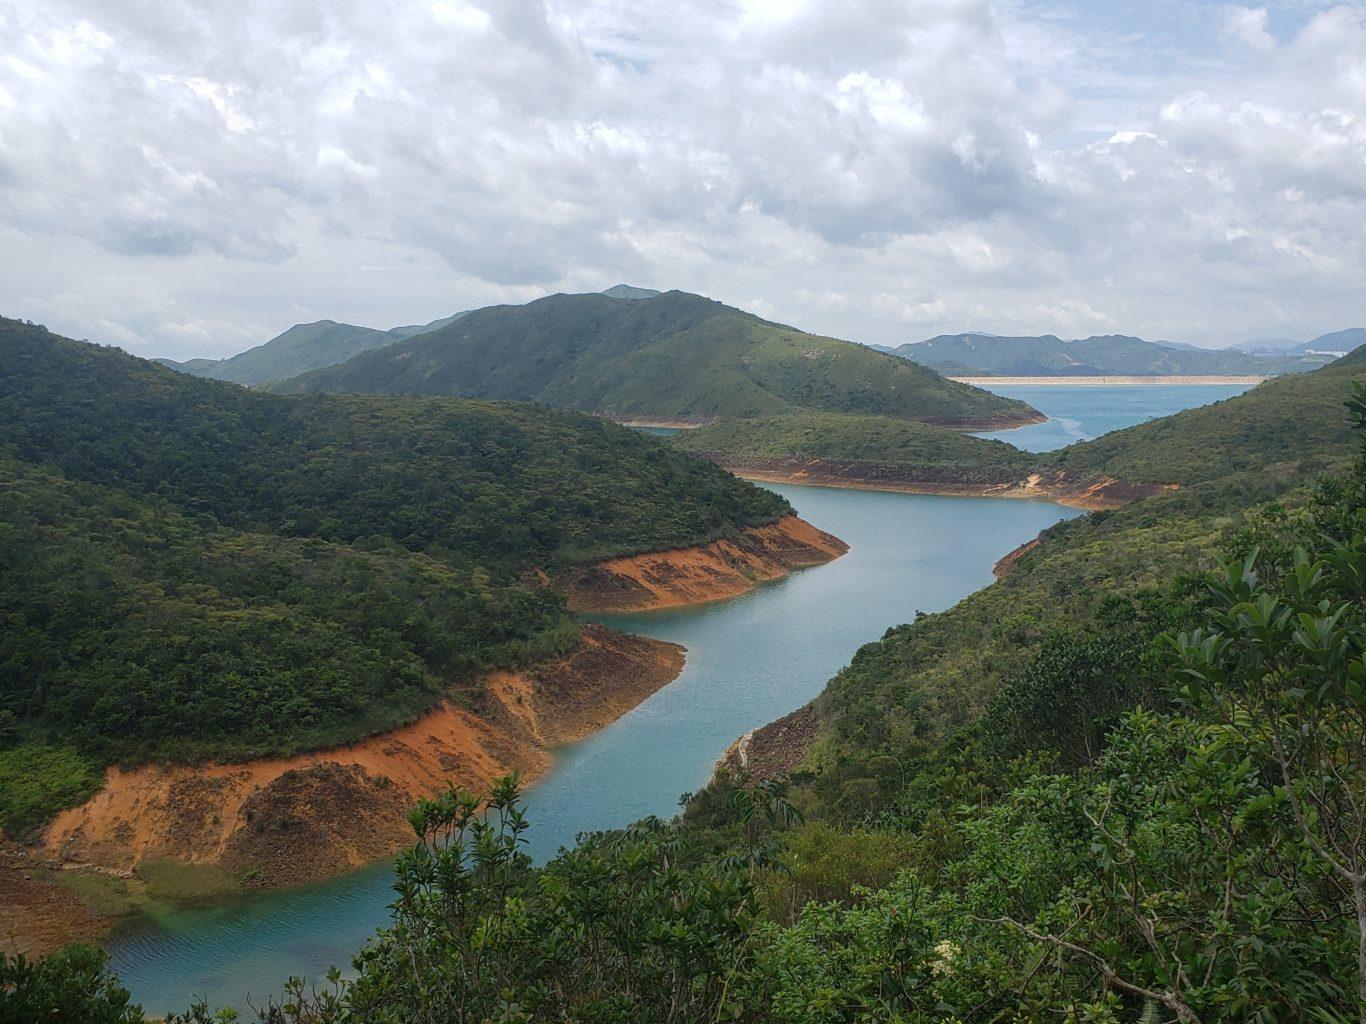 Hong Kong country side